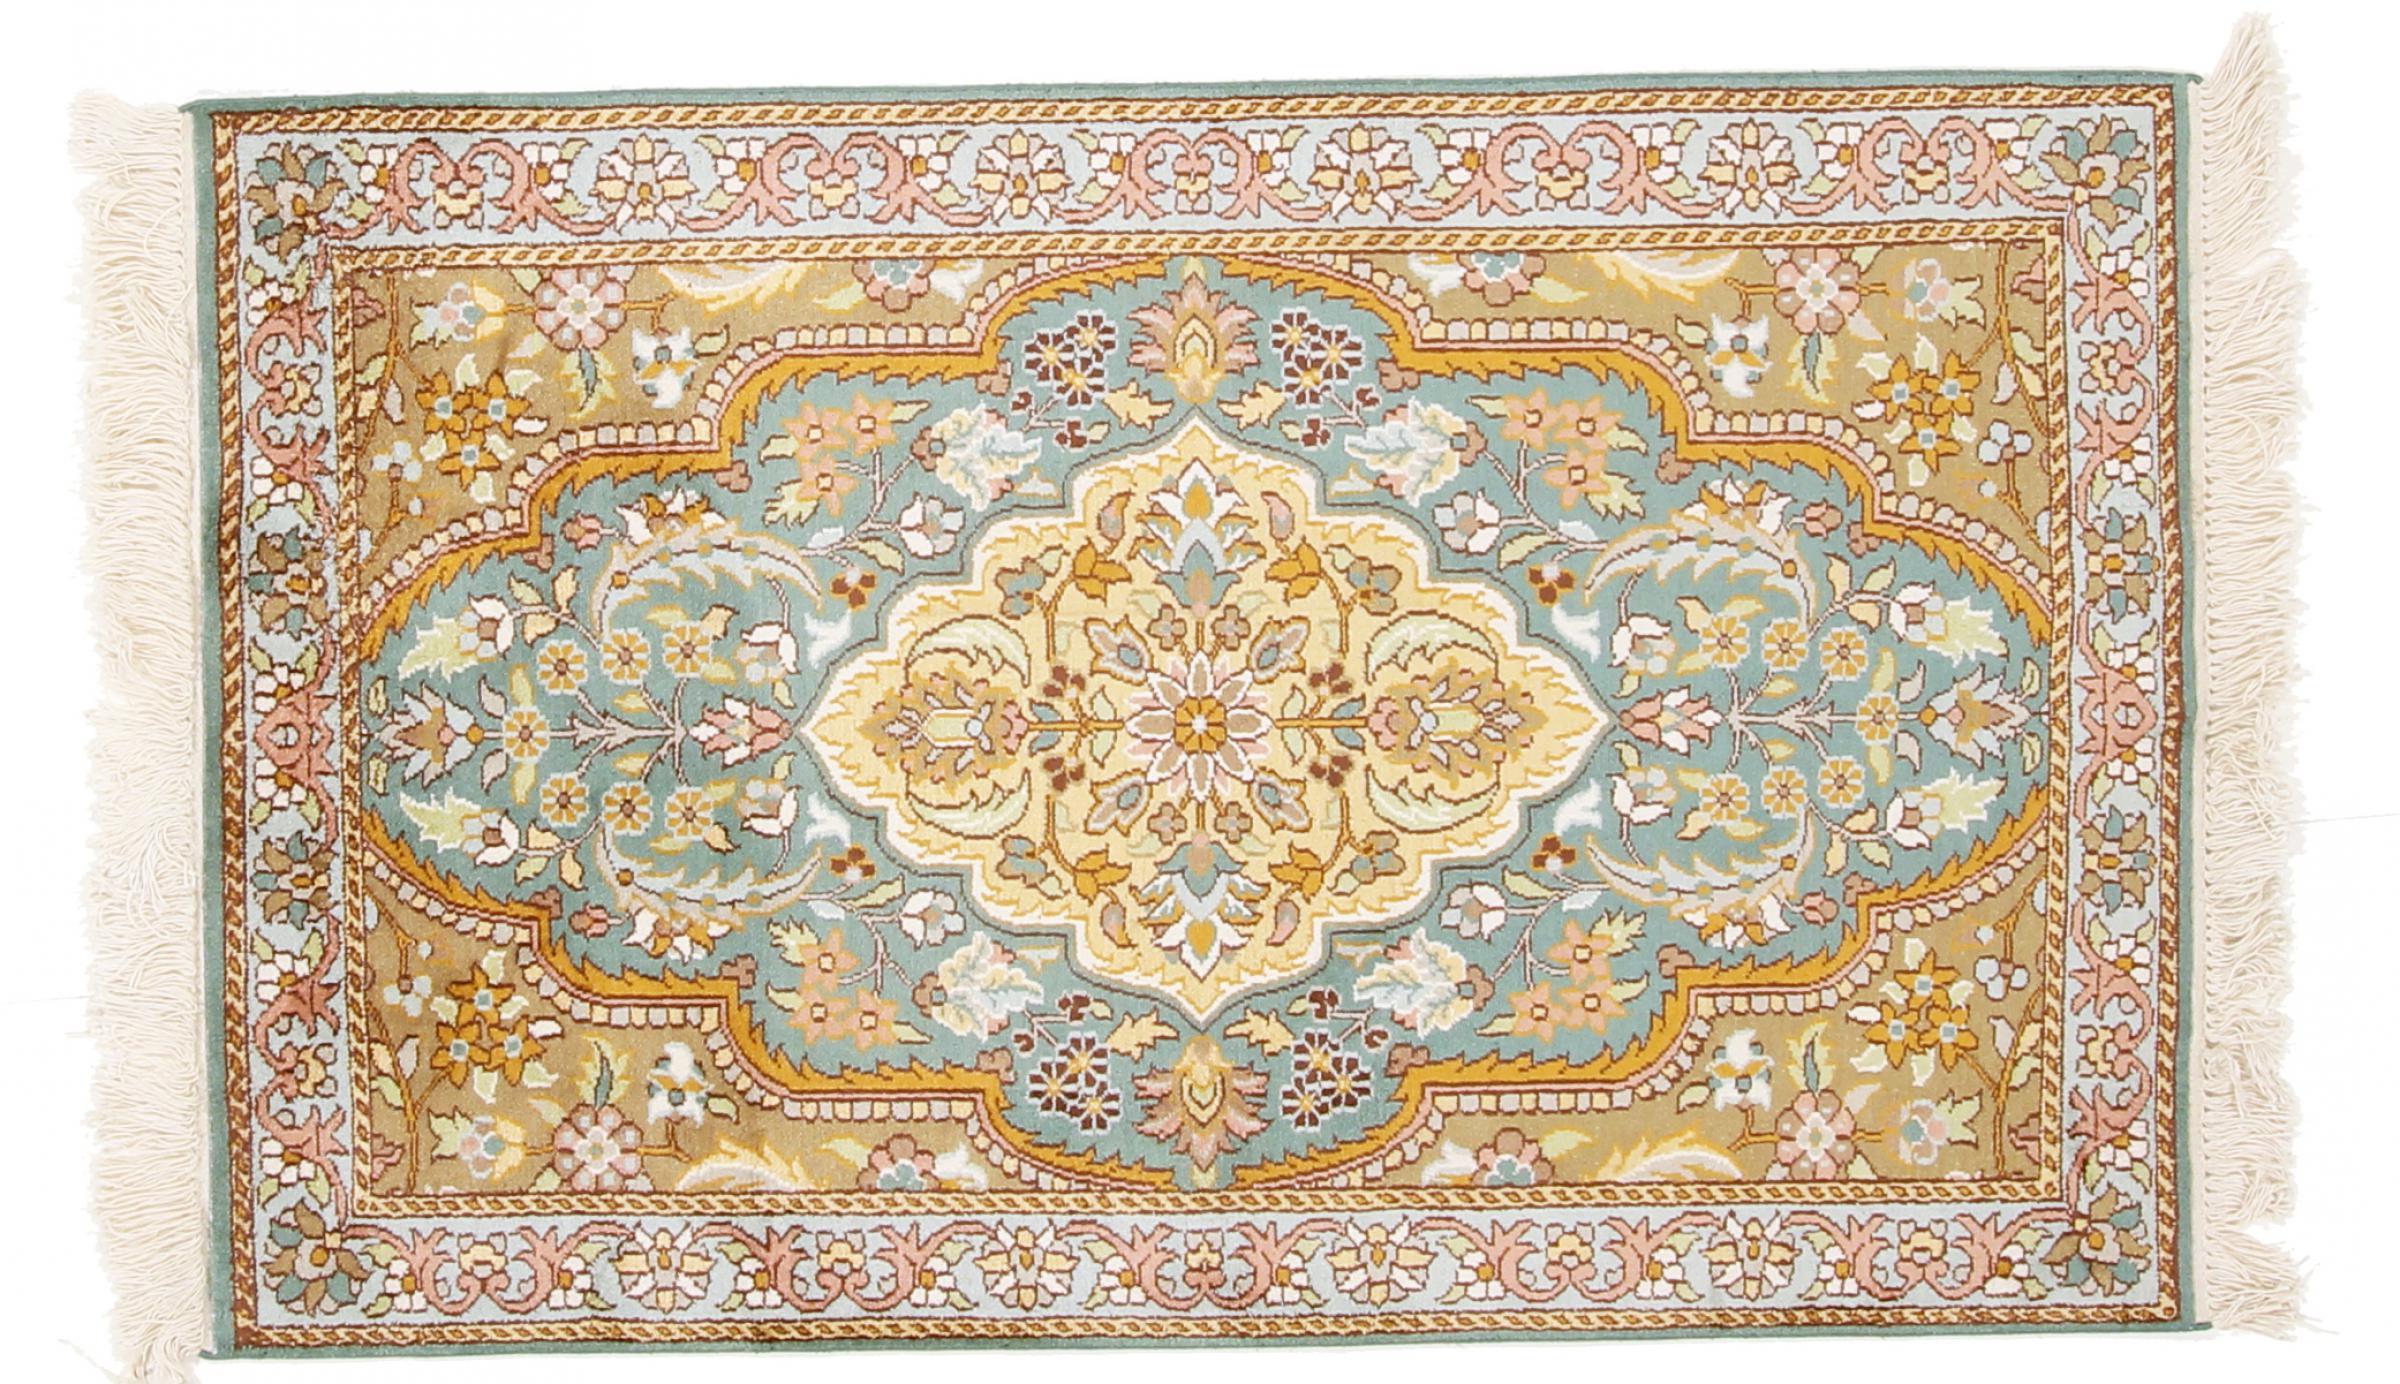 kaschmir reine seide indischer teppich 123x79 id34651. Black Bedroom Furniture Sets. Home Design Ideas